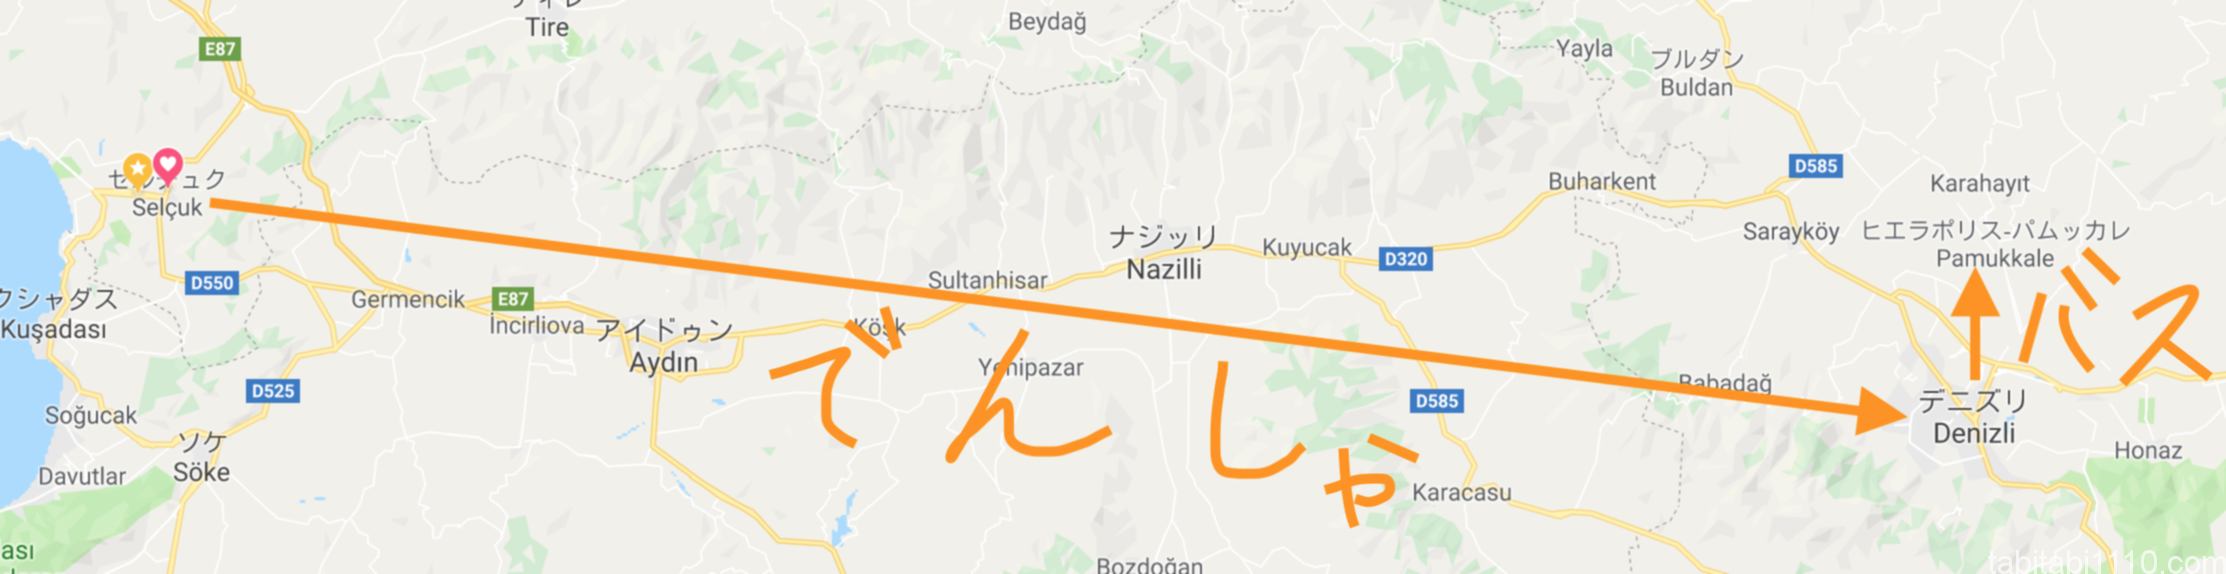 セルチュクからデニズリ(パムッカレ)|電車+バス